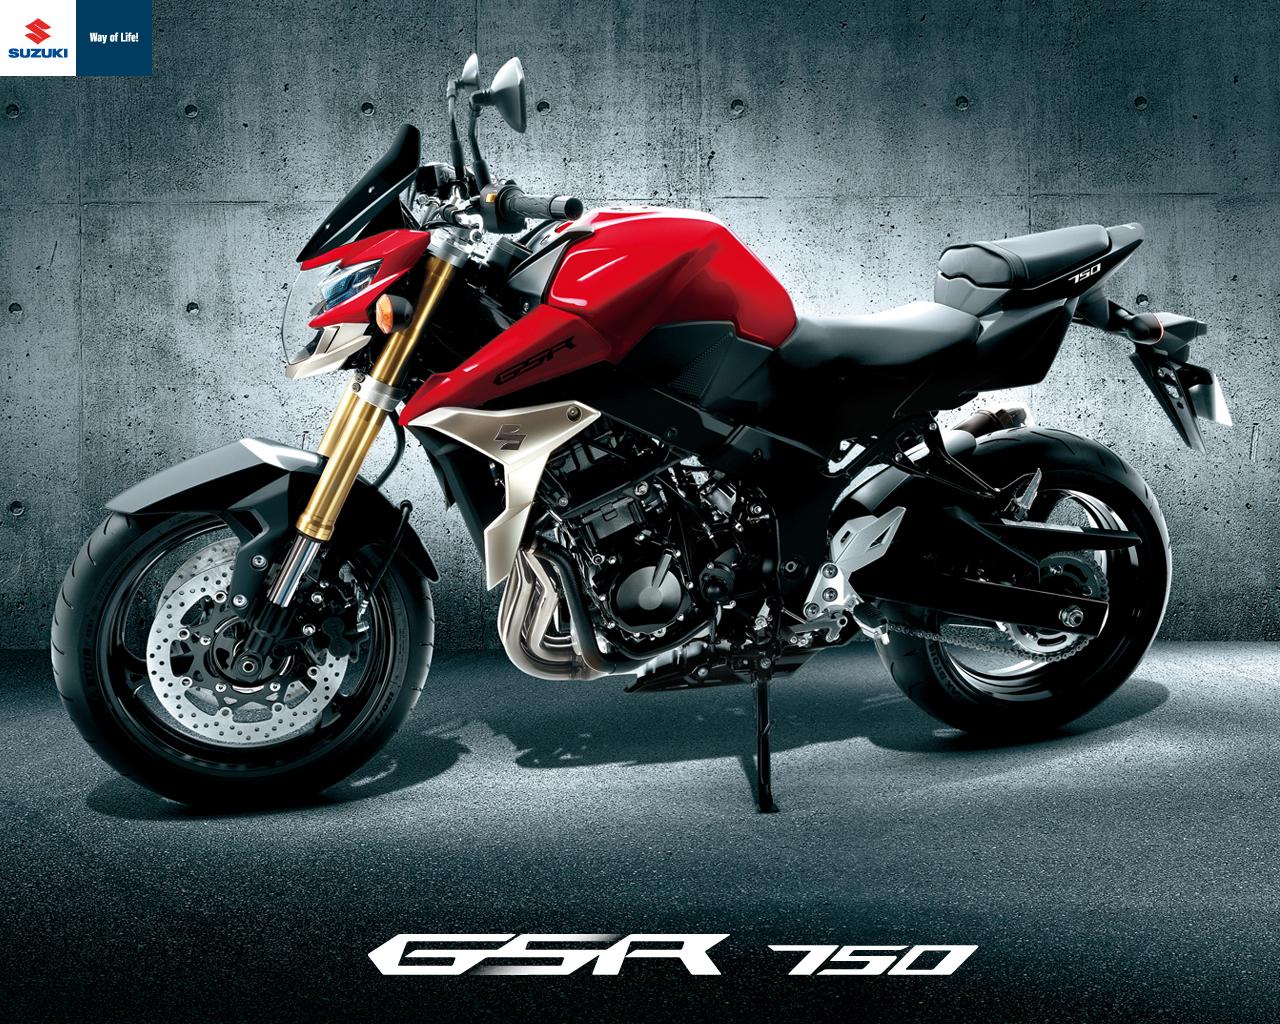 SUZUKI GSX R 1000 TUNING - Motorcycles Photo (20975303) - Fanpop - Page 11